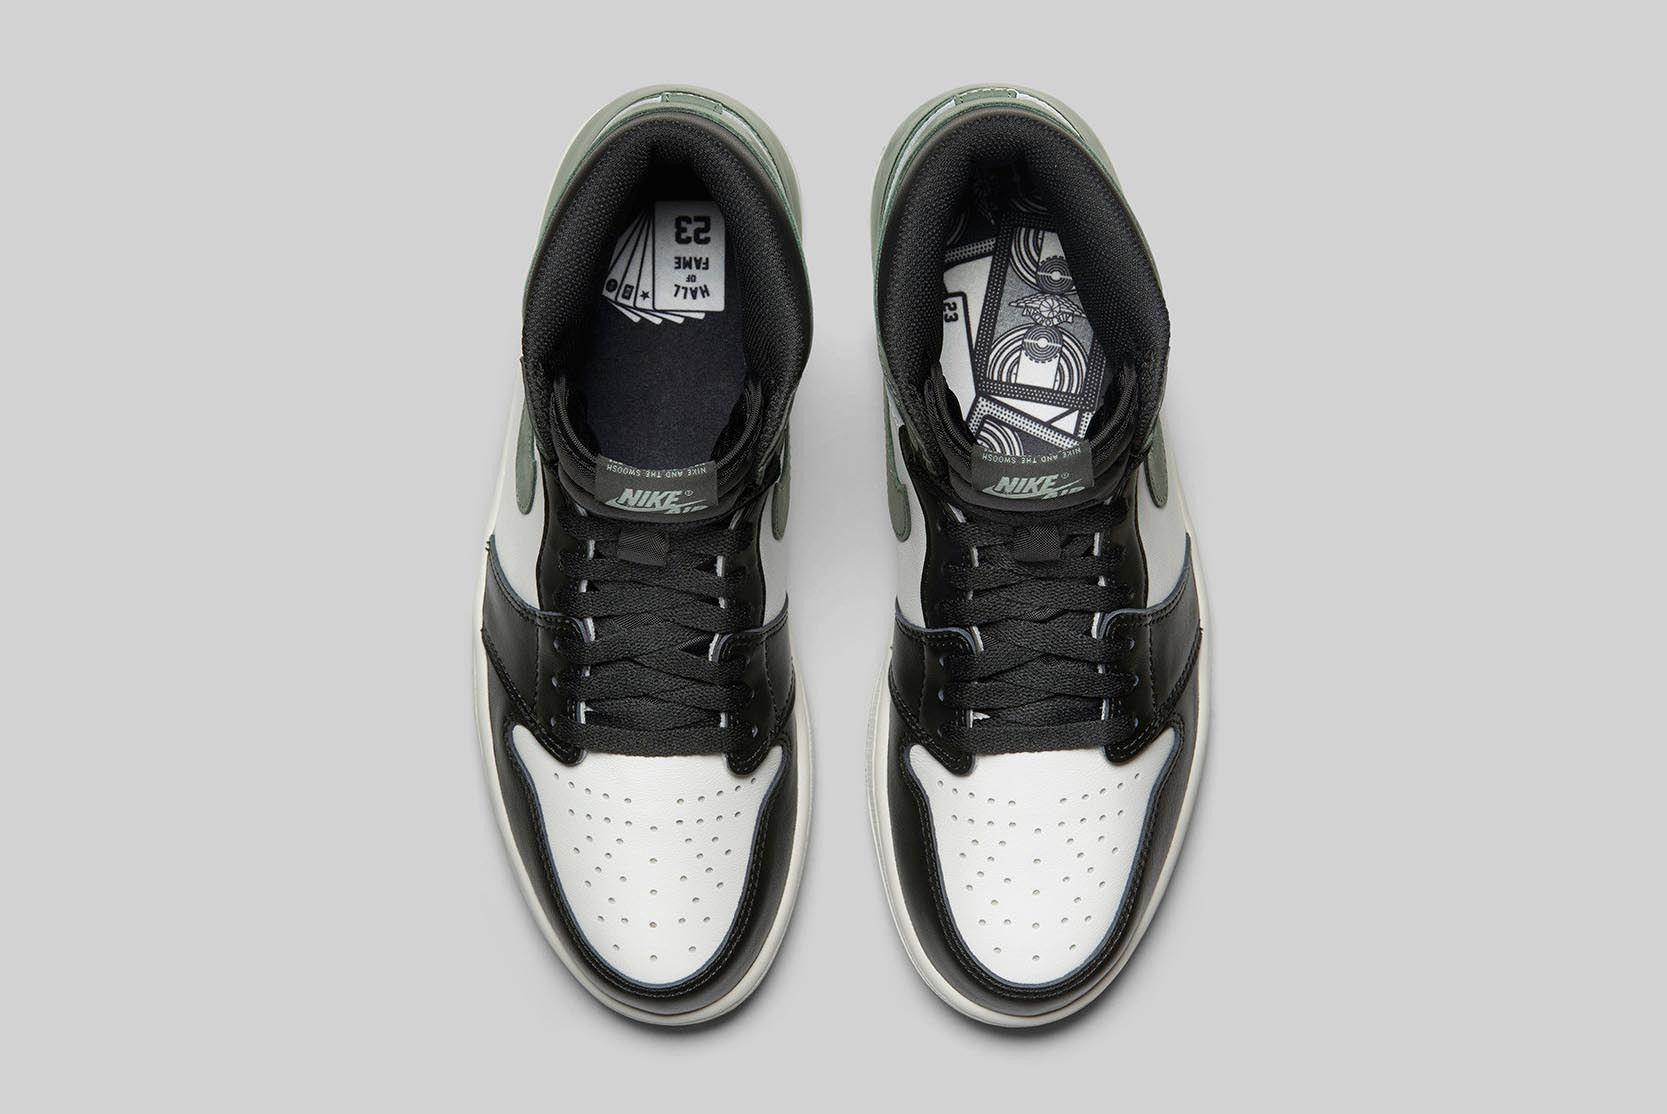 Air Jordan 1 Retro High Og Best Hand In The Game Collection 41 Sneaker Freaker